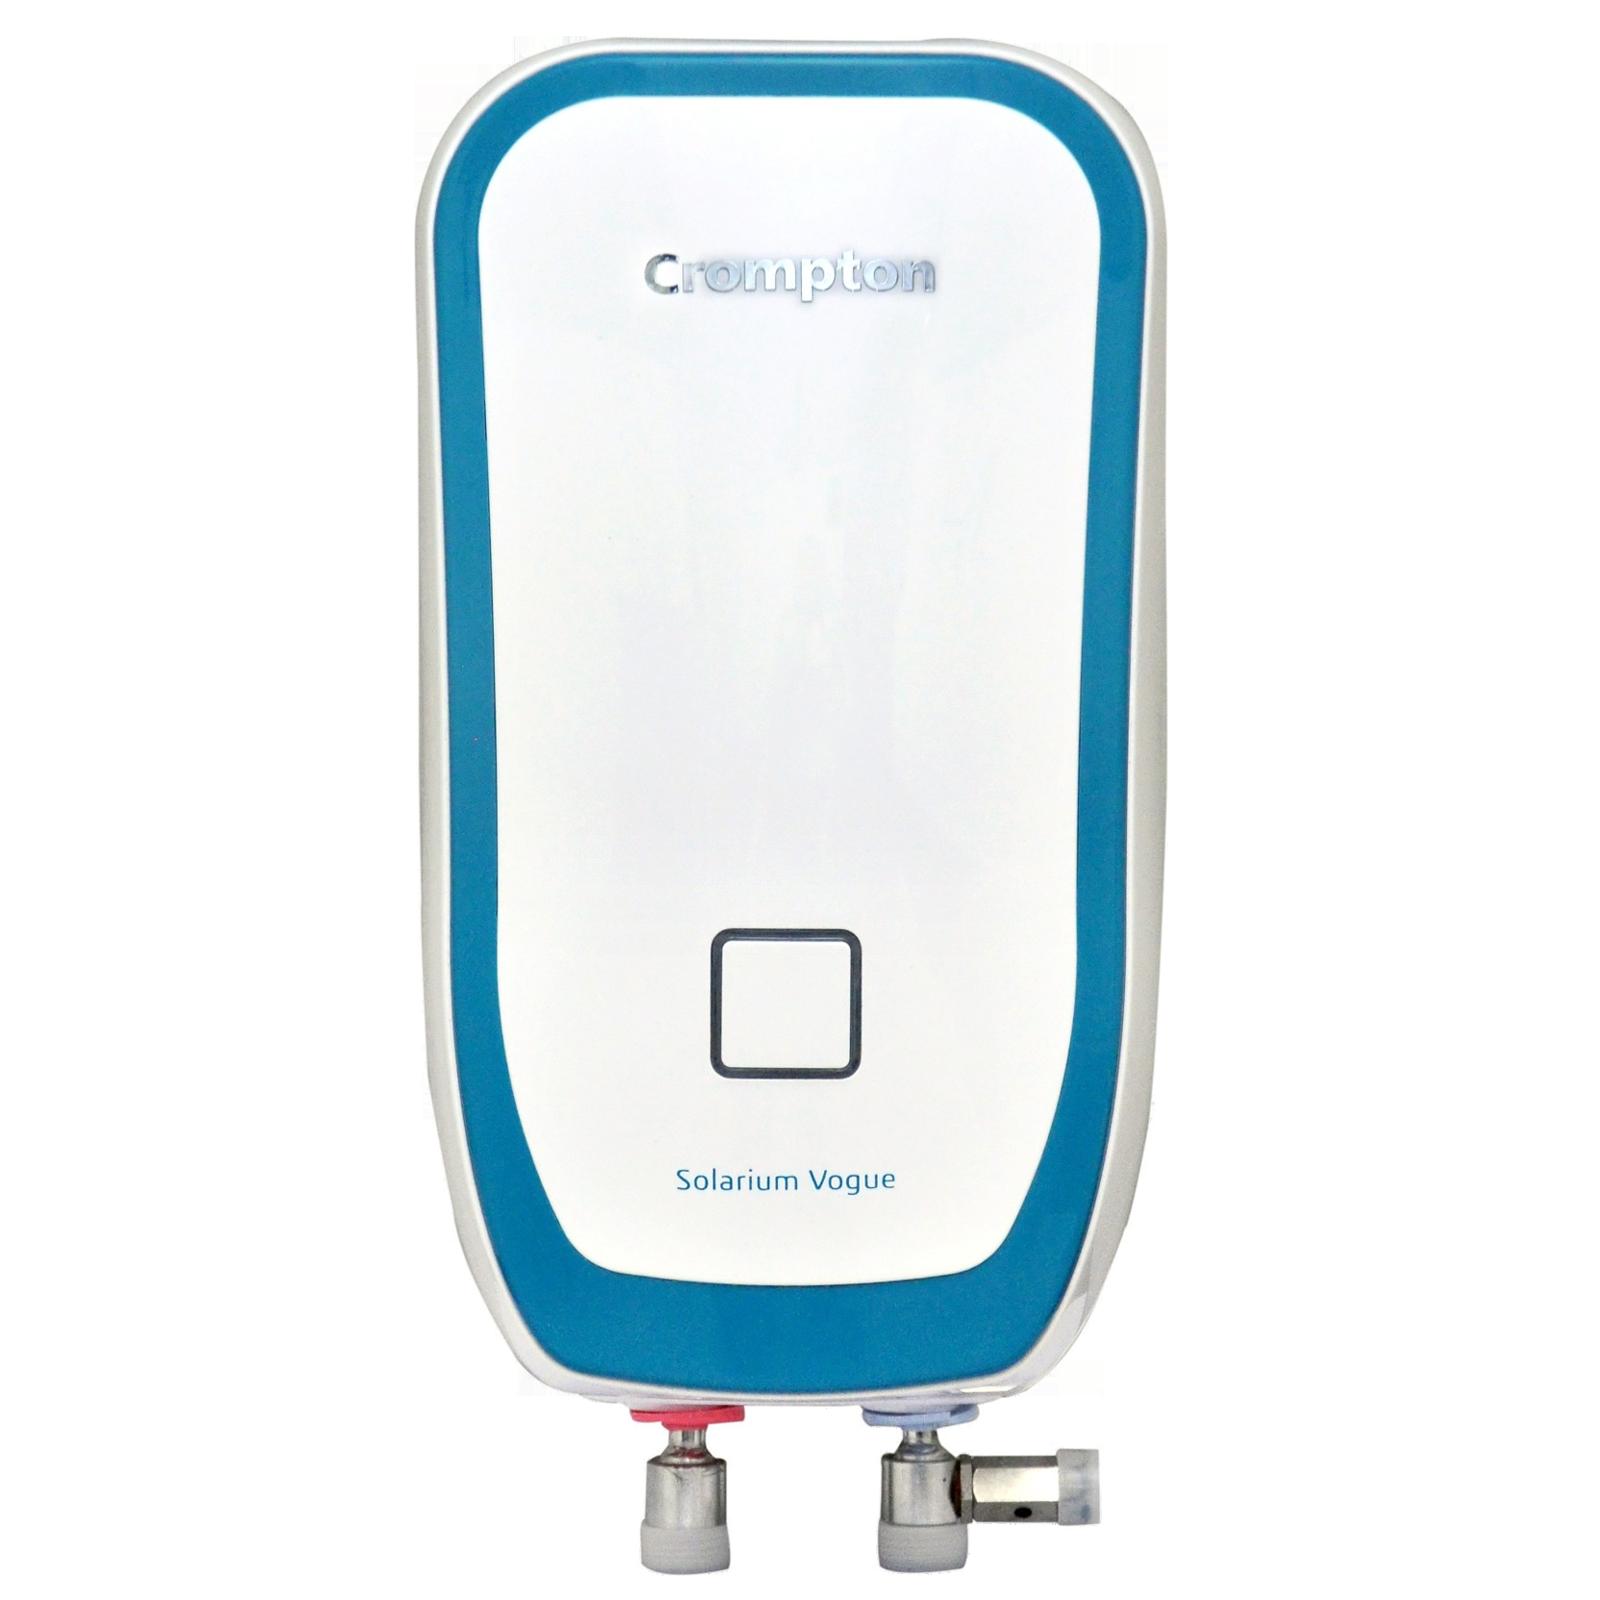 Crompton Solarium Vogue3 Litres Instant Water Geyser (3000 Watts, AIWH-3LSOLVOG3KW5Y, White)_1